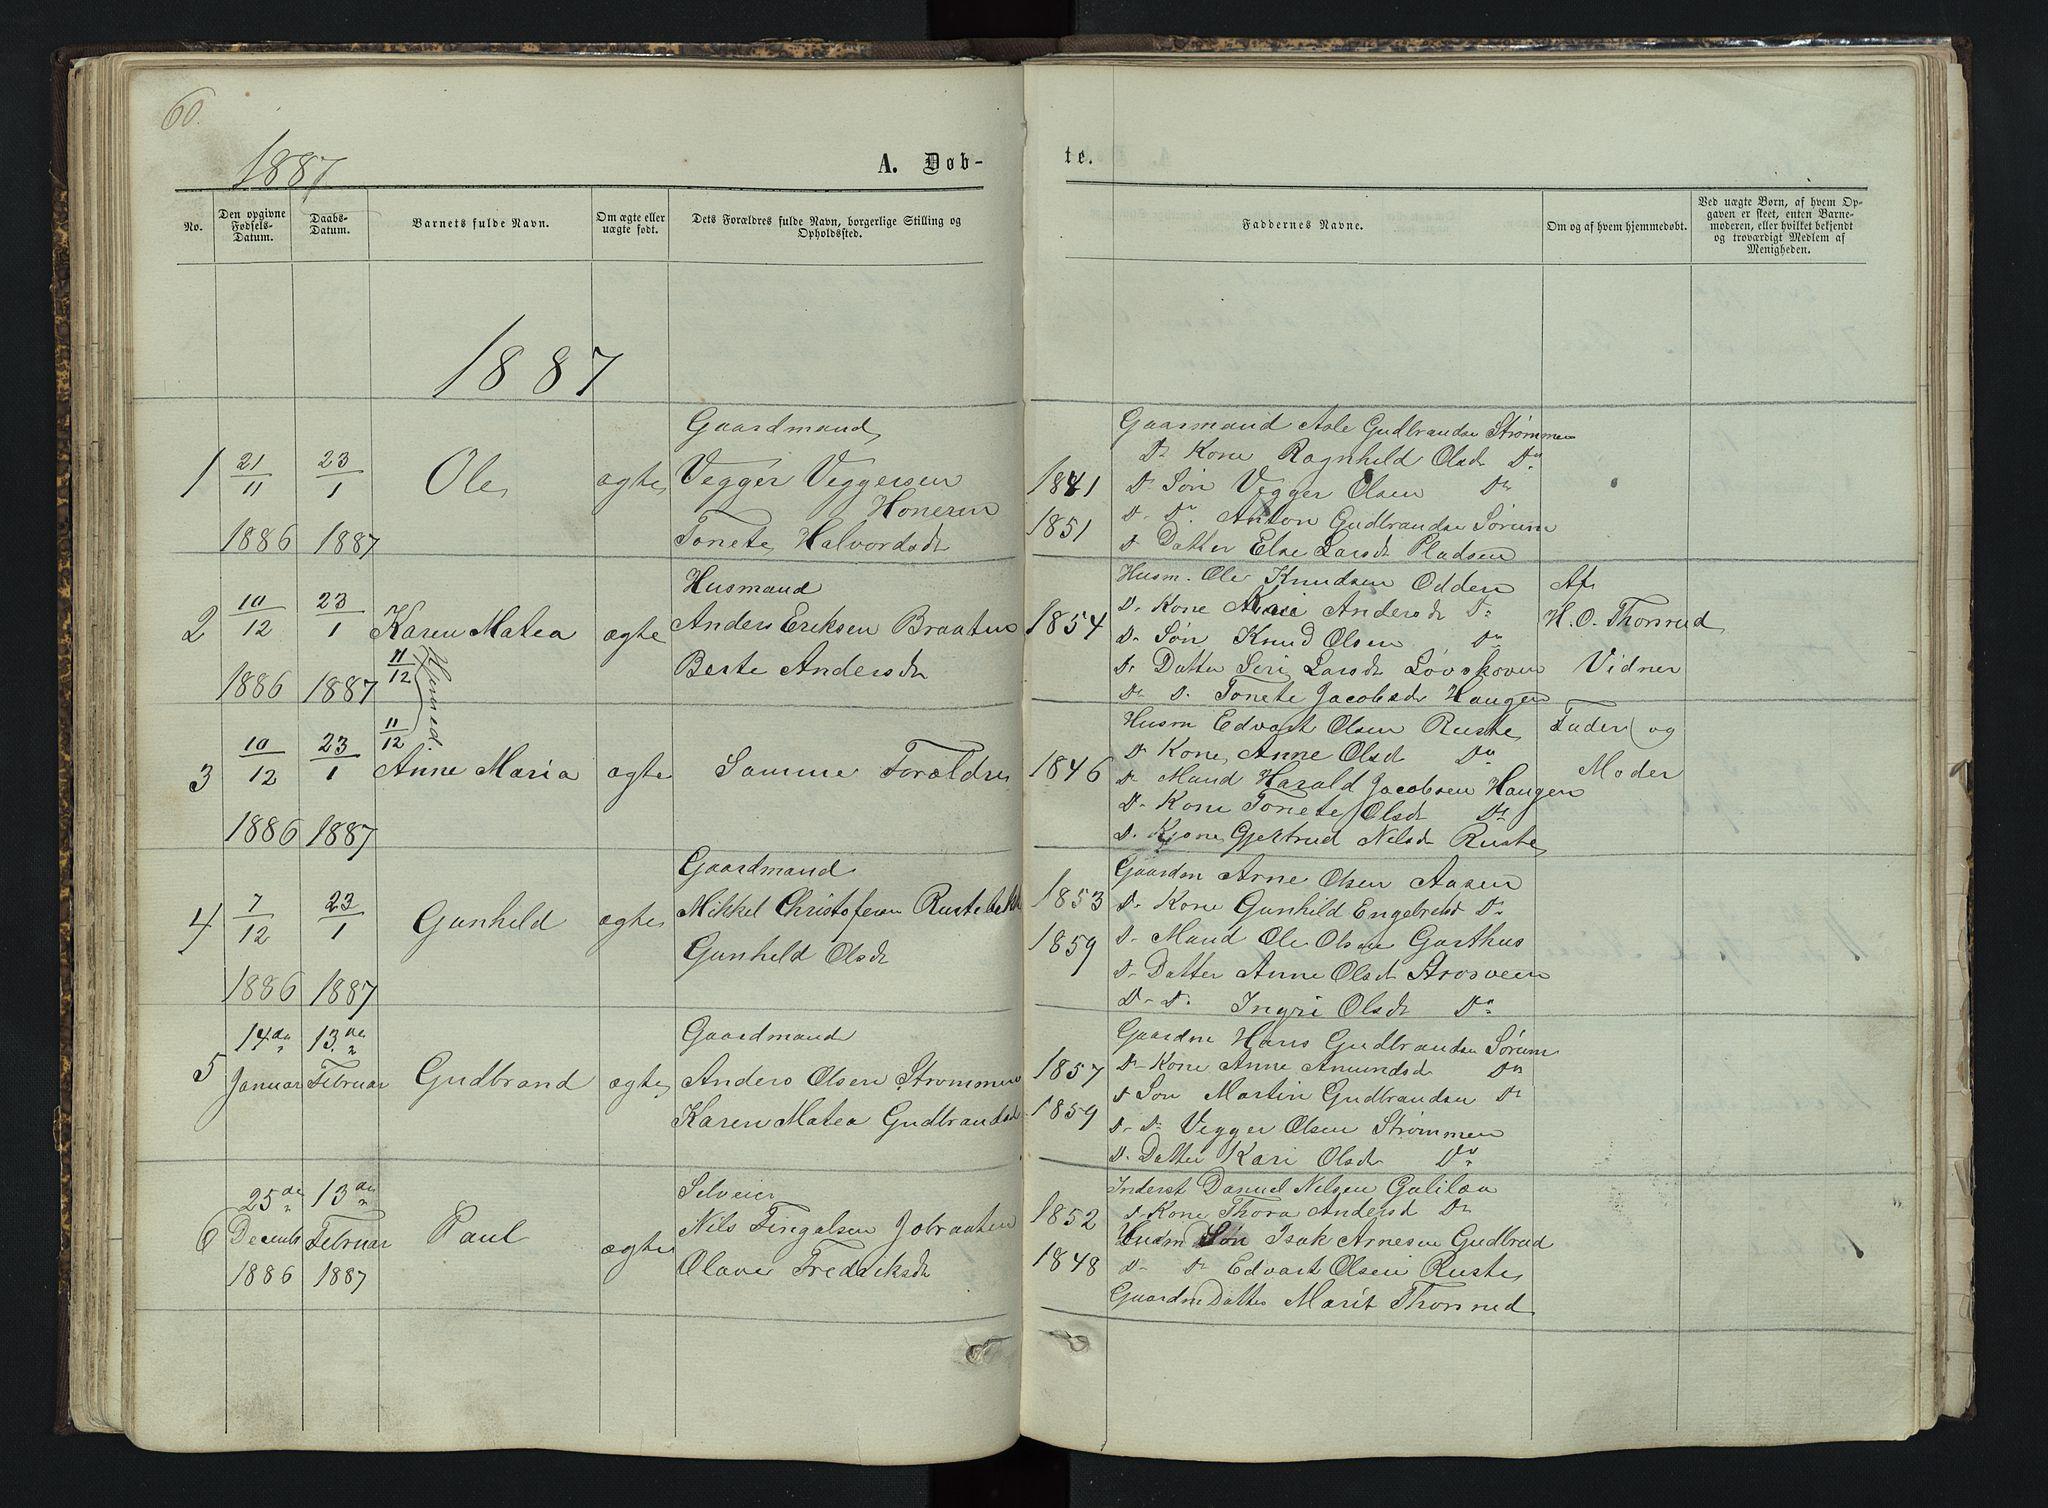 SAH, Sør-Aurdal prestekontor, Klokkerbok nr. 3, 1862-1893, s. 60